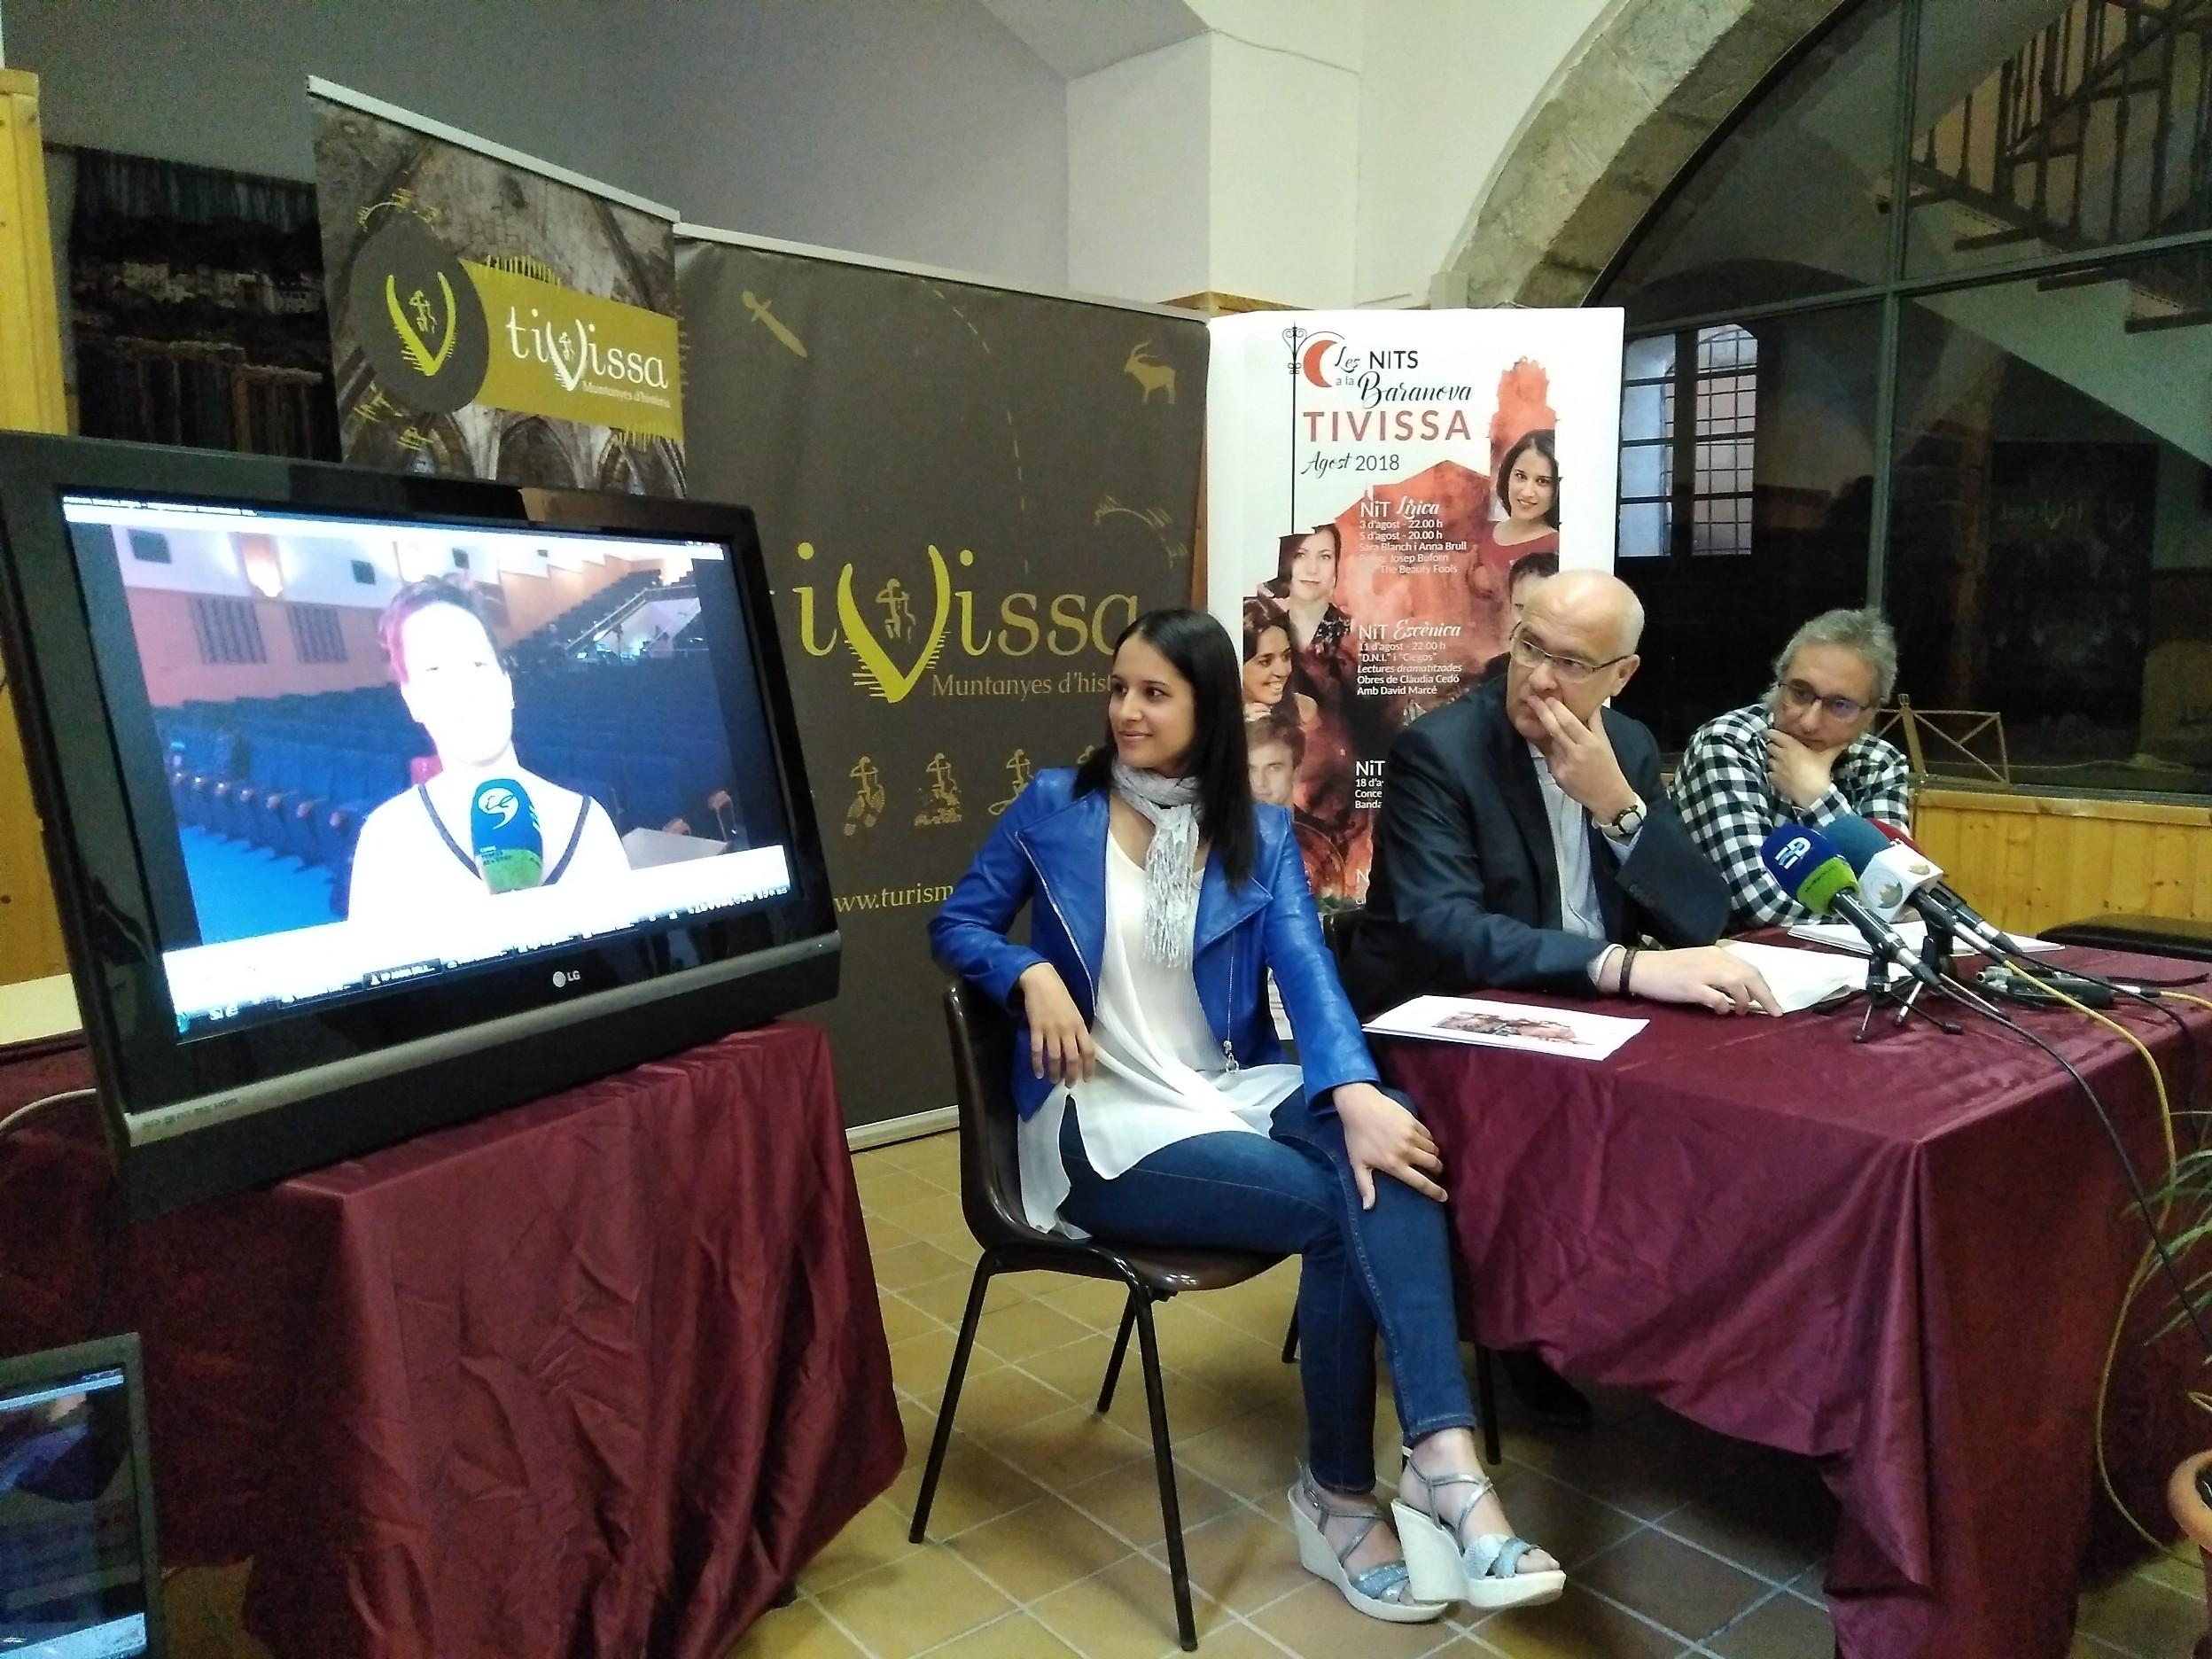 L'Ajuntament de Tivissa presenta la programació i les novetats de la cinquena edició de 'Les nits a la Baranova'